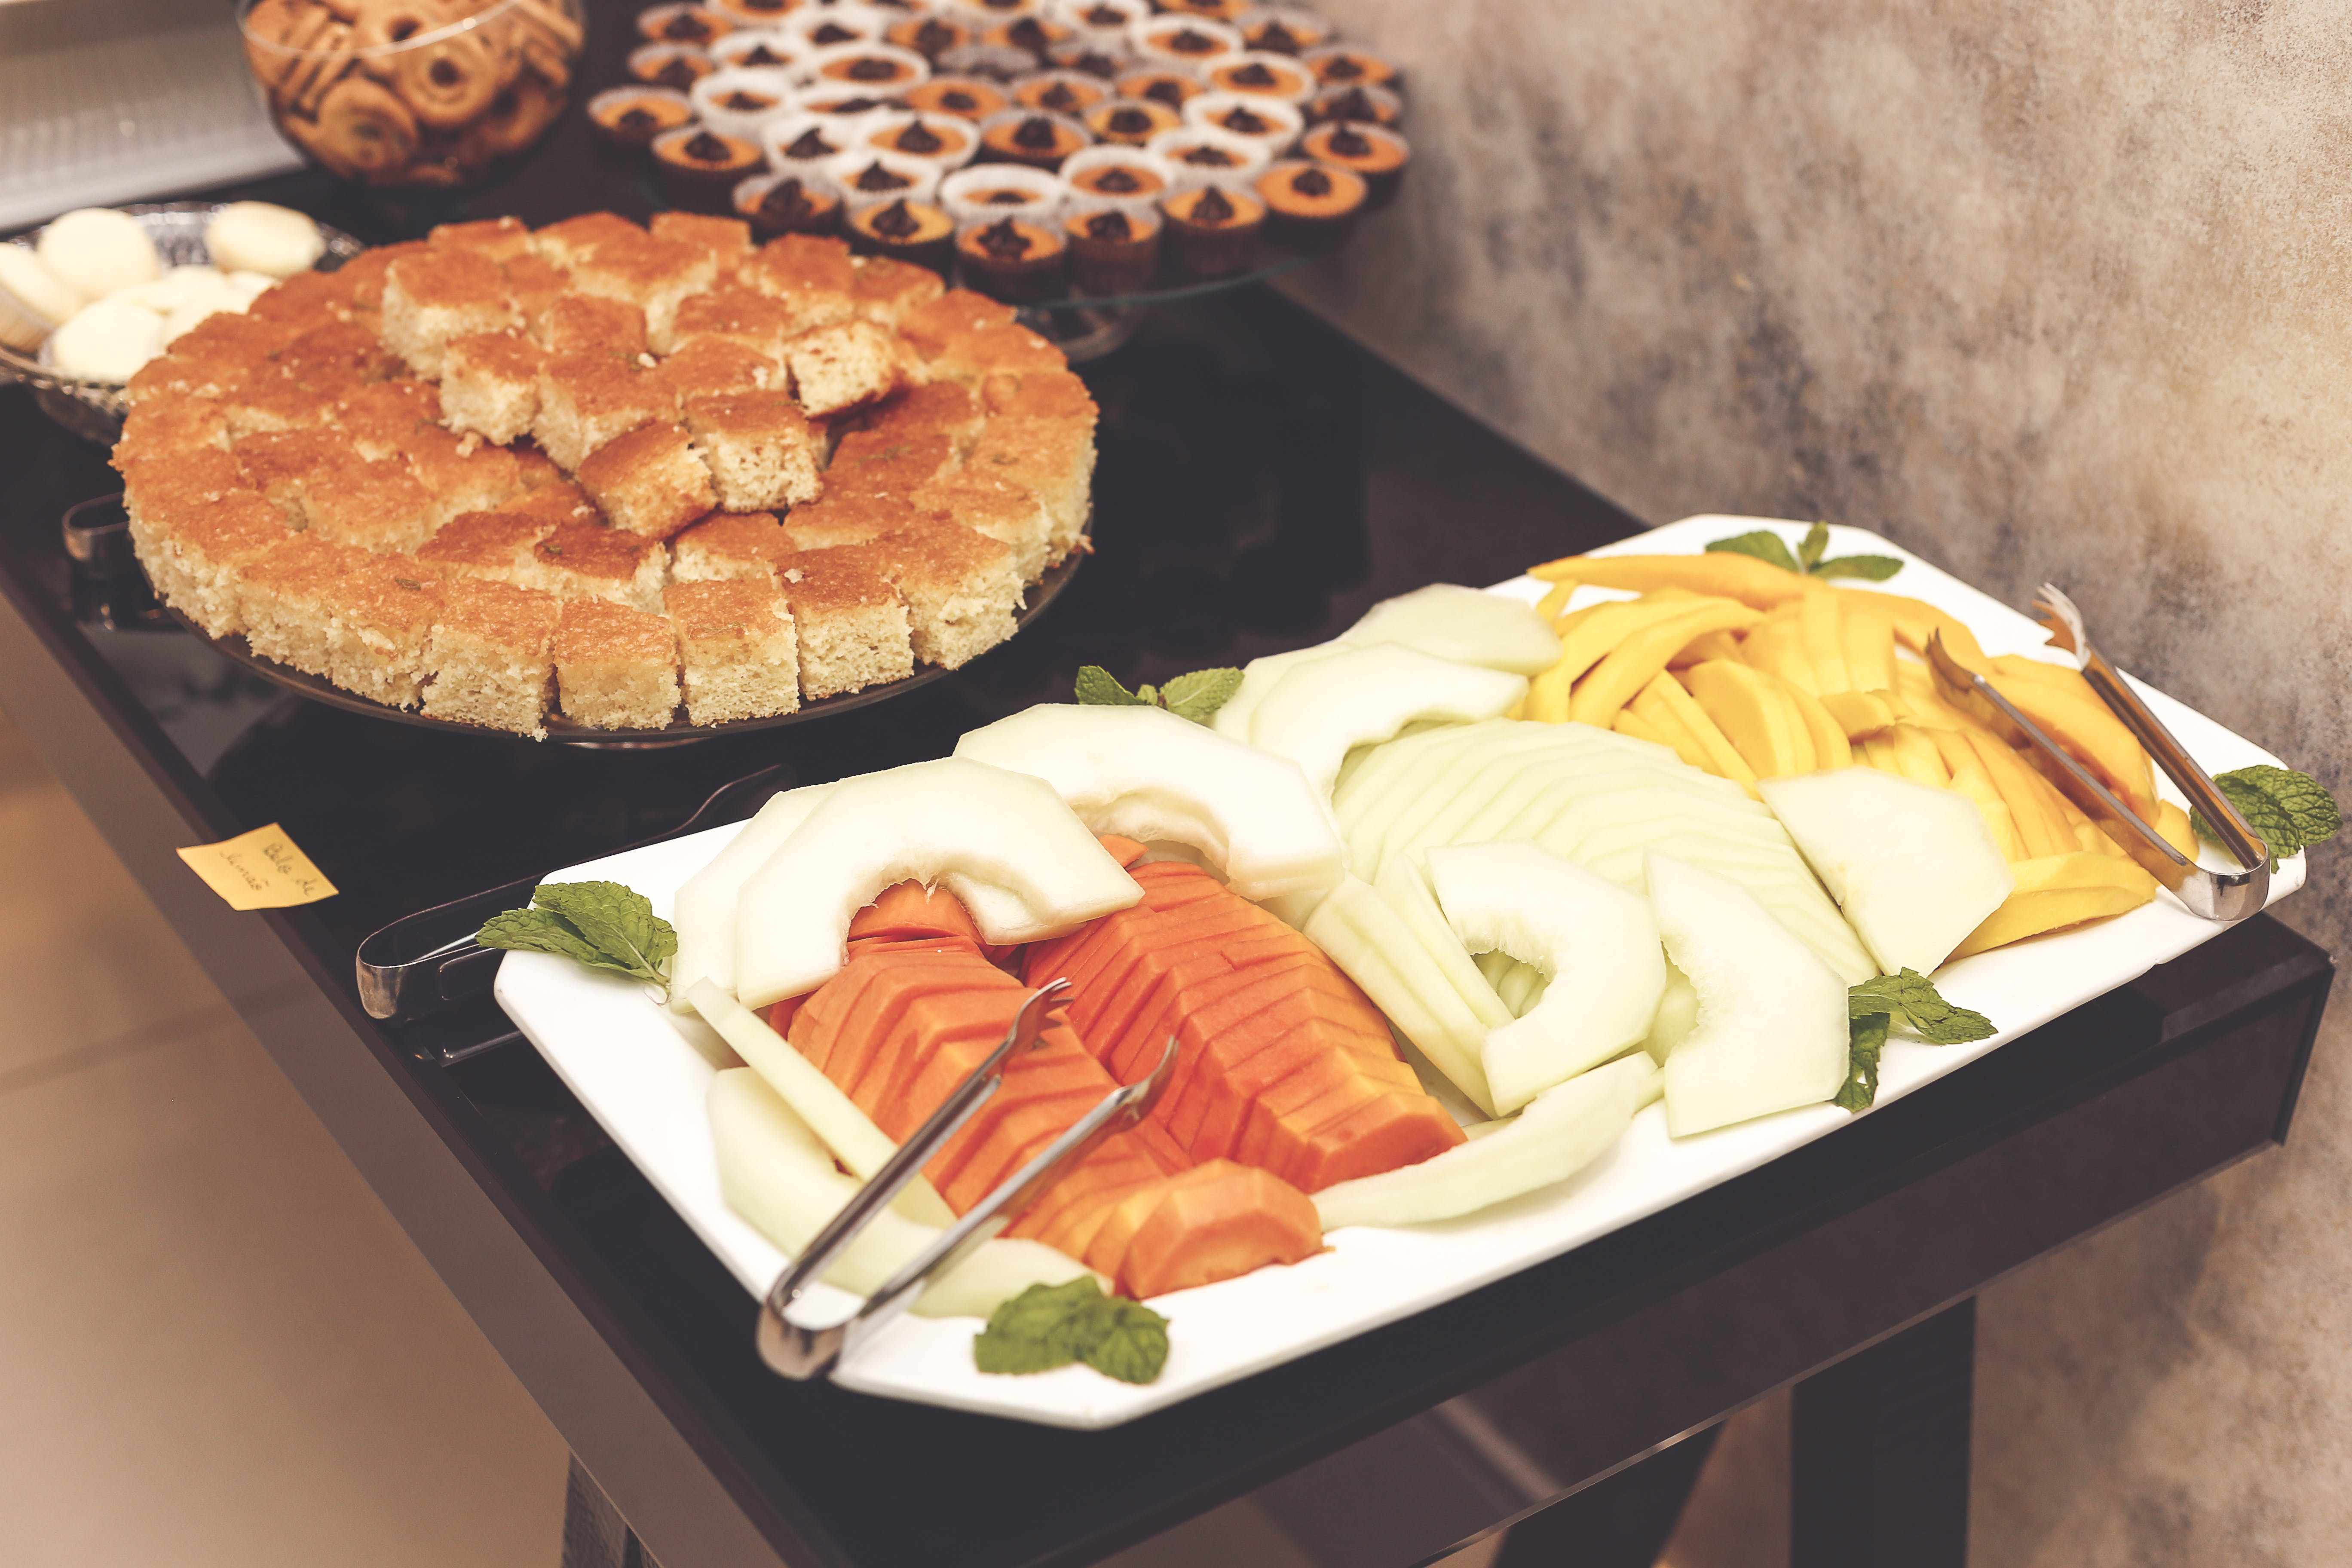 Gratis lagerfoto af bakke, blandede frugter, bord, brød